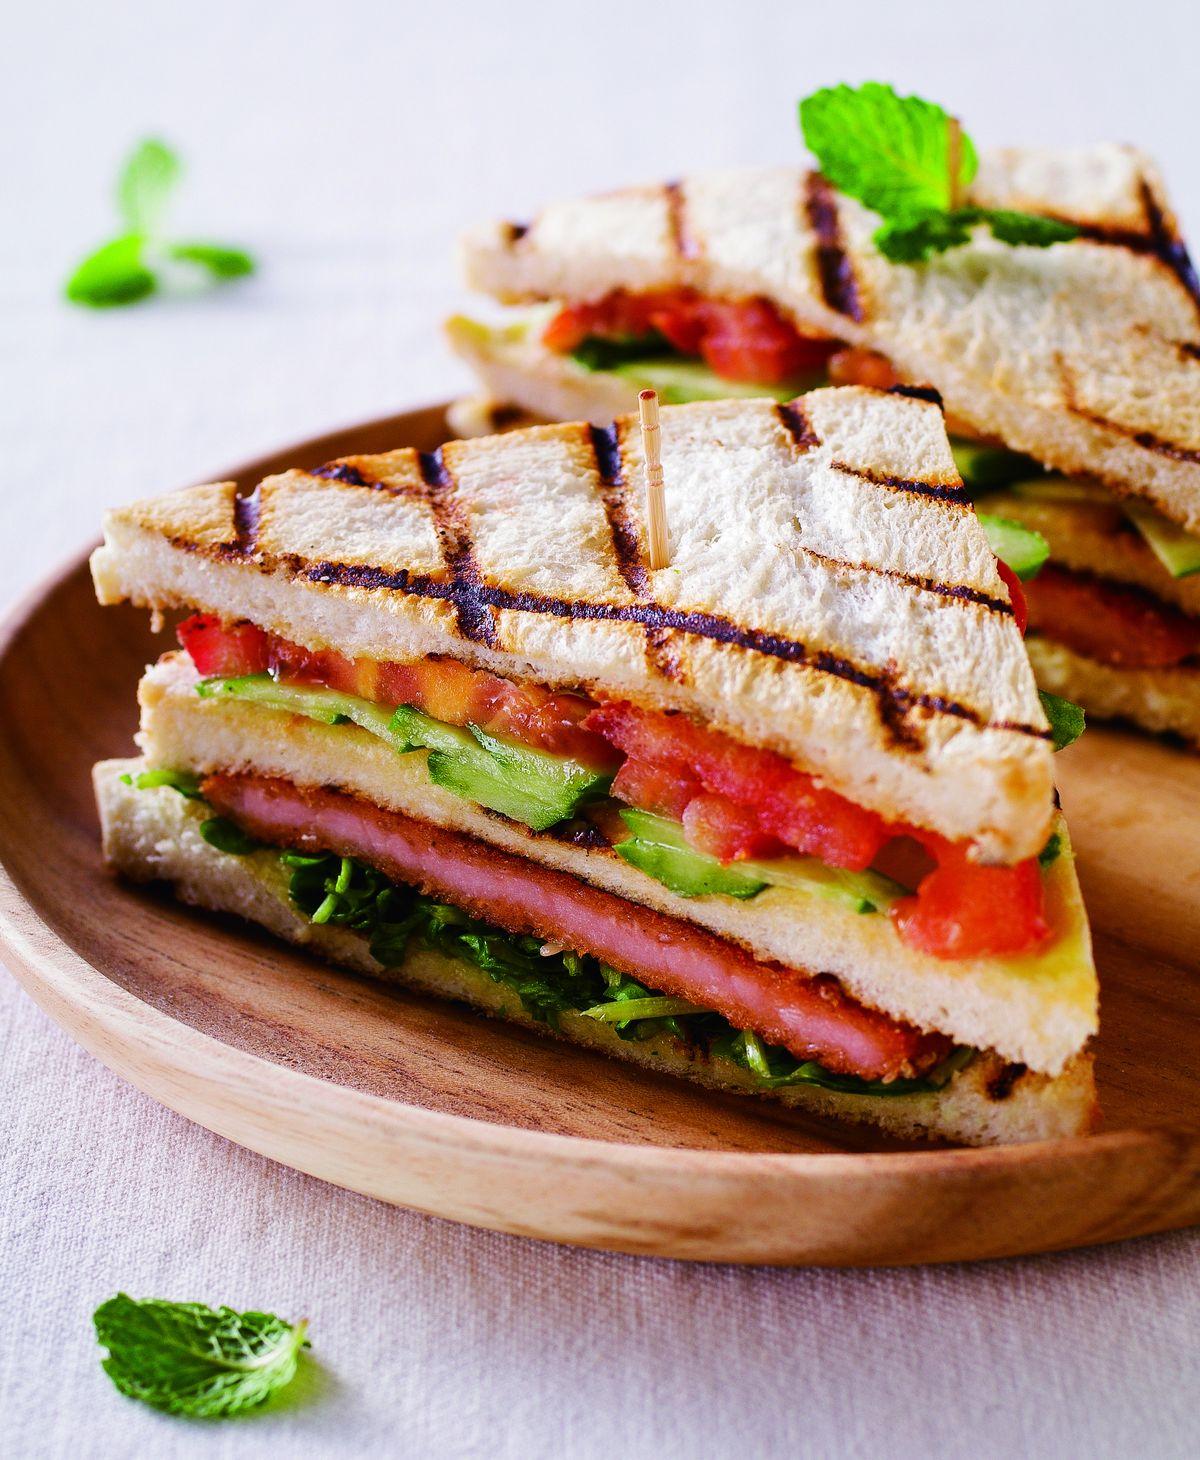 食譜:碳烤豬排三明治